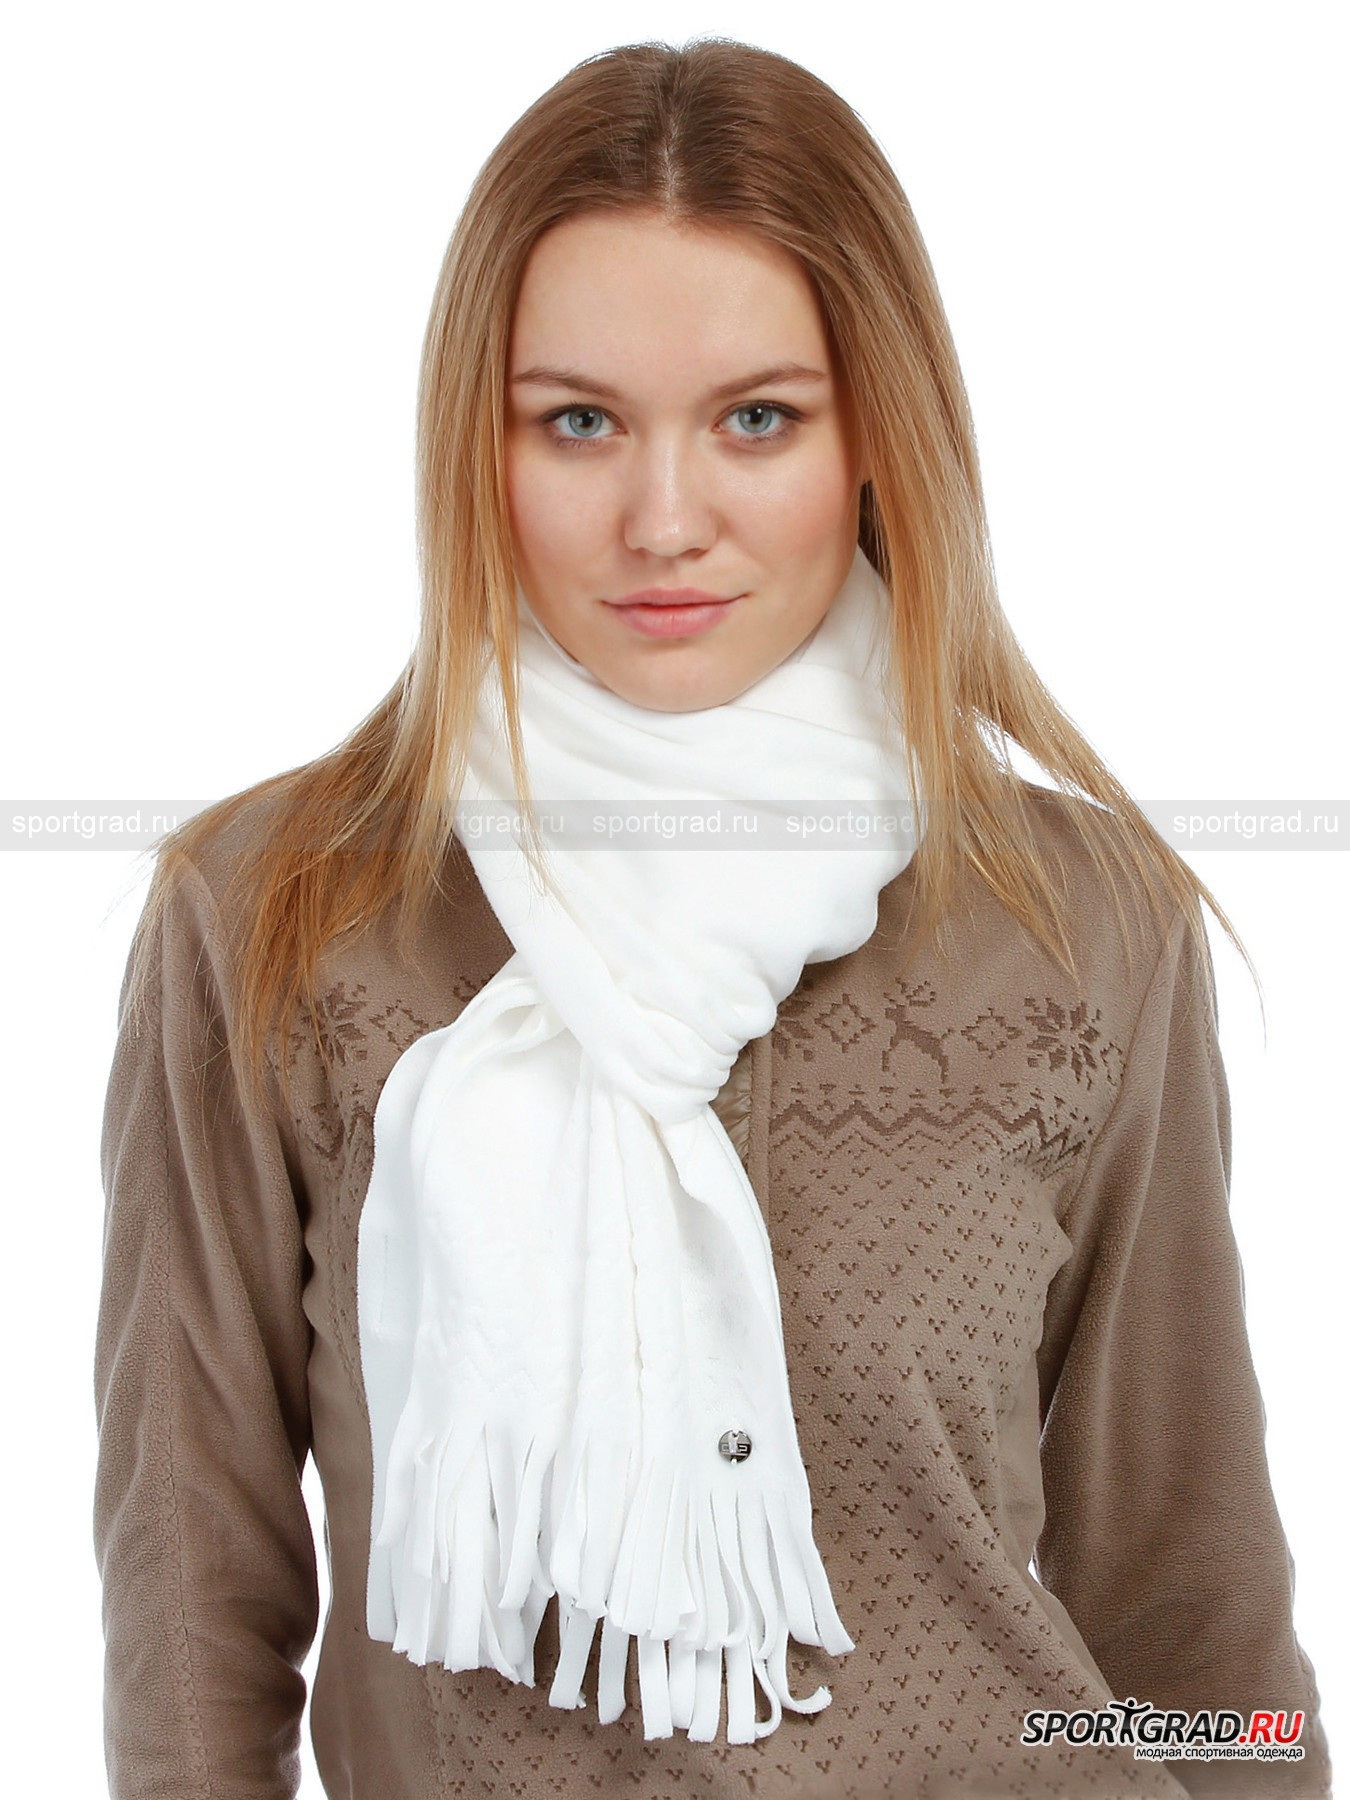 Шарф женский флис LADY FLEECE SCARF CAMPAGNOLOШарфы, Кашне<br>Сказочный женский шарф LADY FLEECE SCARF CAMPAGNOLO из нежнейшего флиса, способного согреть в самую ненастную погоду и украсить повседневную верхнюю одежду: ровная прямоугольная нарезка-бахрома, поблескивающий металлом фирменный логотип – пуговичка и стильный орнамент в виде скачущих оленей, ромбов и зигзагов – отличное дополнение к вашему зимнему имиджу!<br><br>Пол: Женский<br>Возраст: Взрослый<br>Тип: Шарфы, Кашне<br>Состав: 100% Пэ